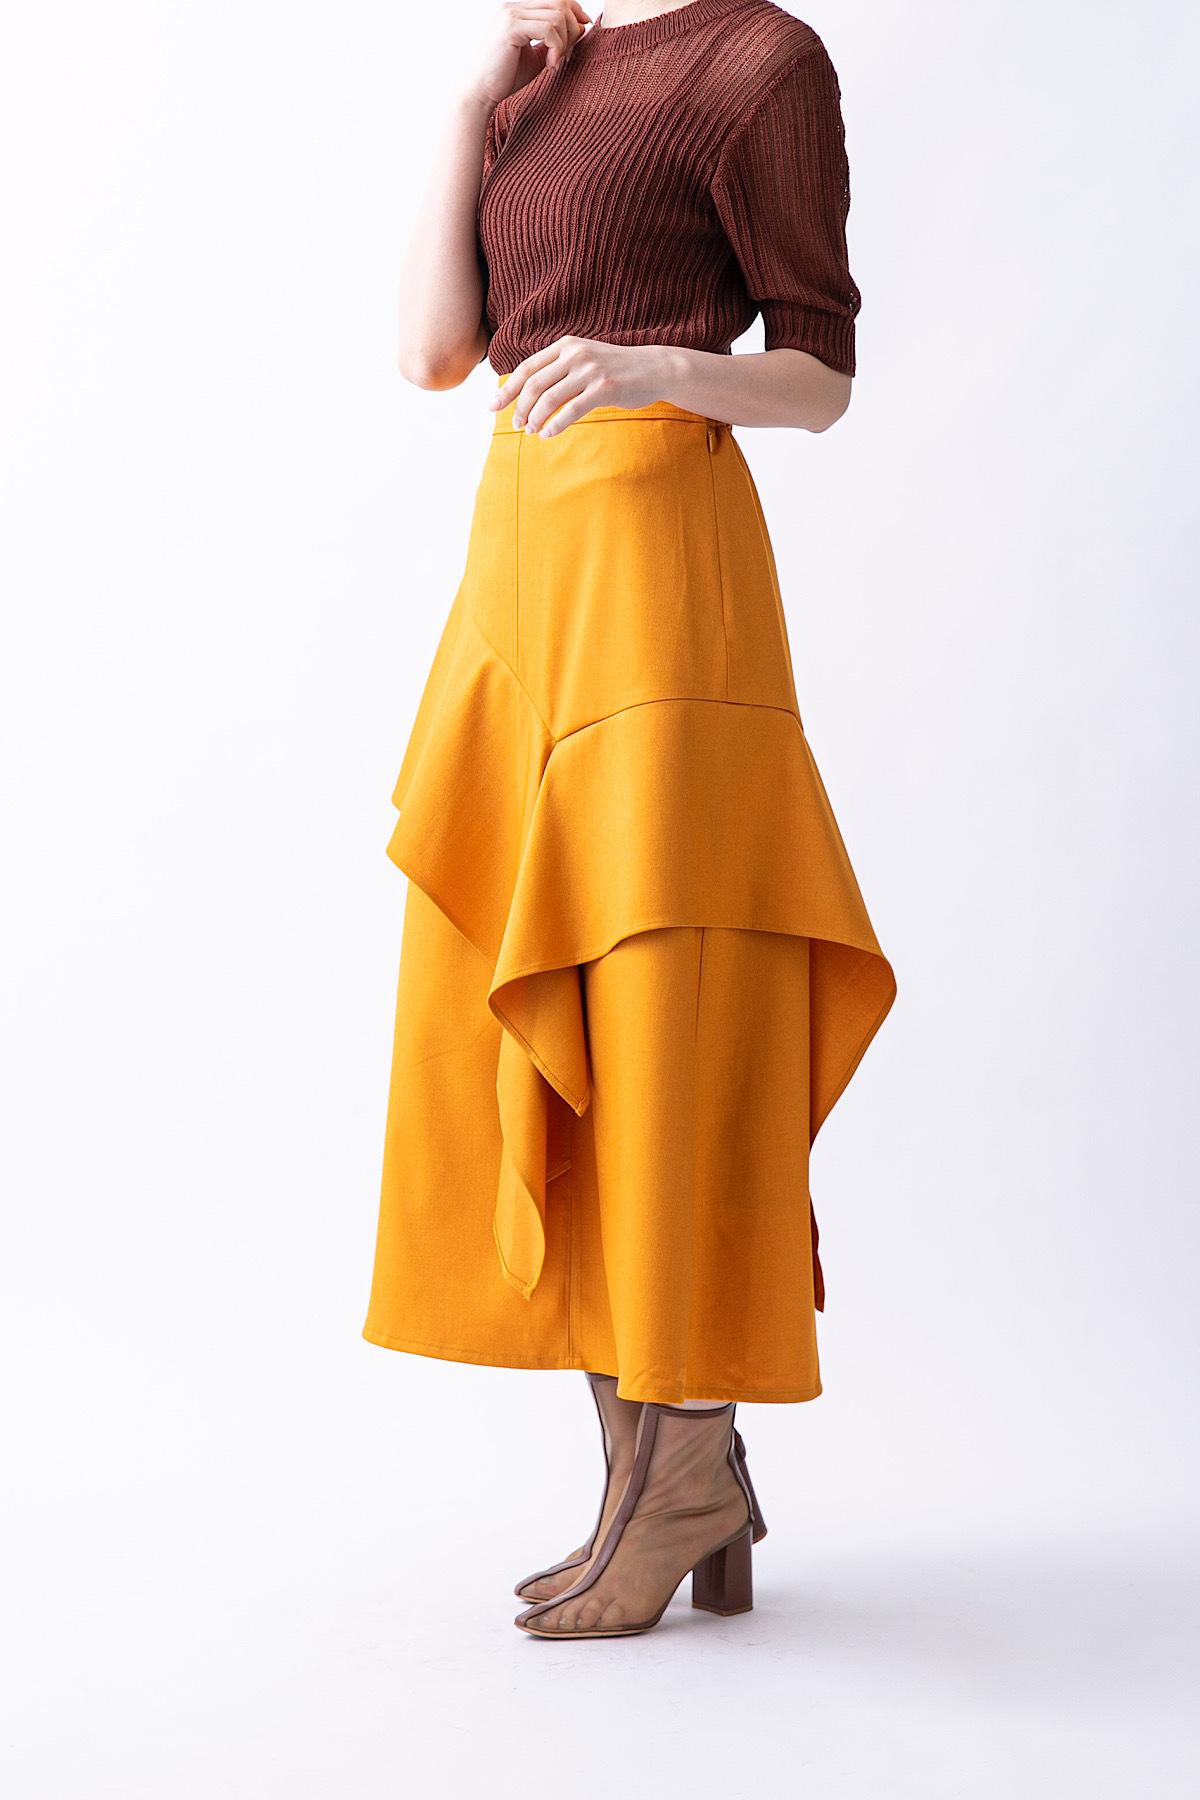 カラーフレアスカート 3色:イエロー